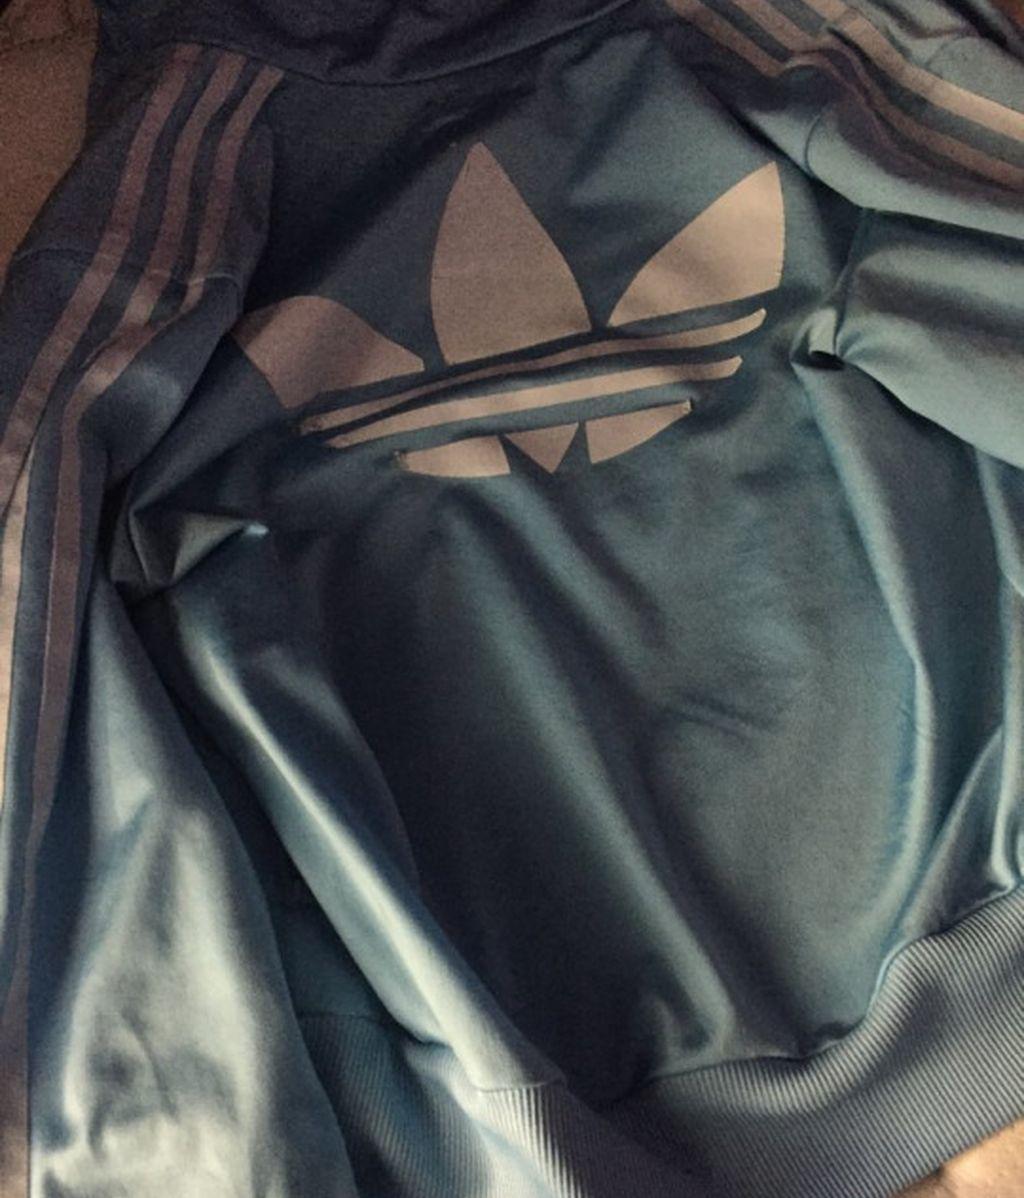 ¿Cuál es el color de la chaqueta?